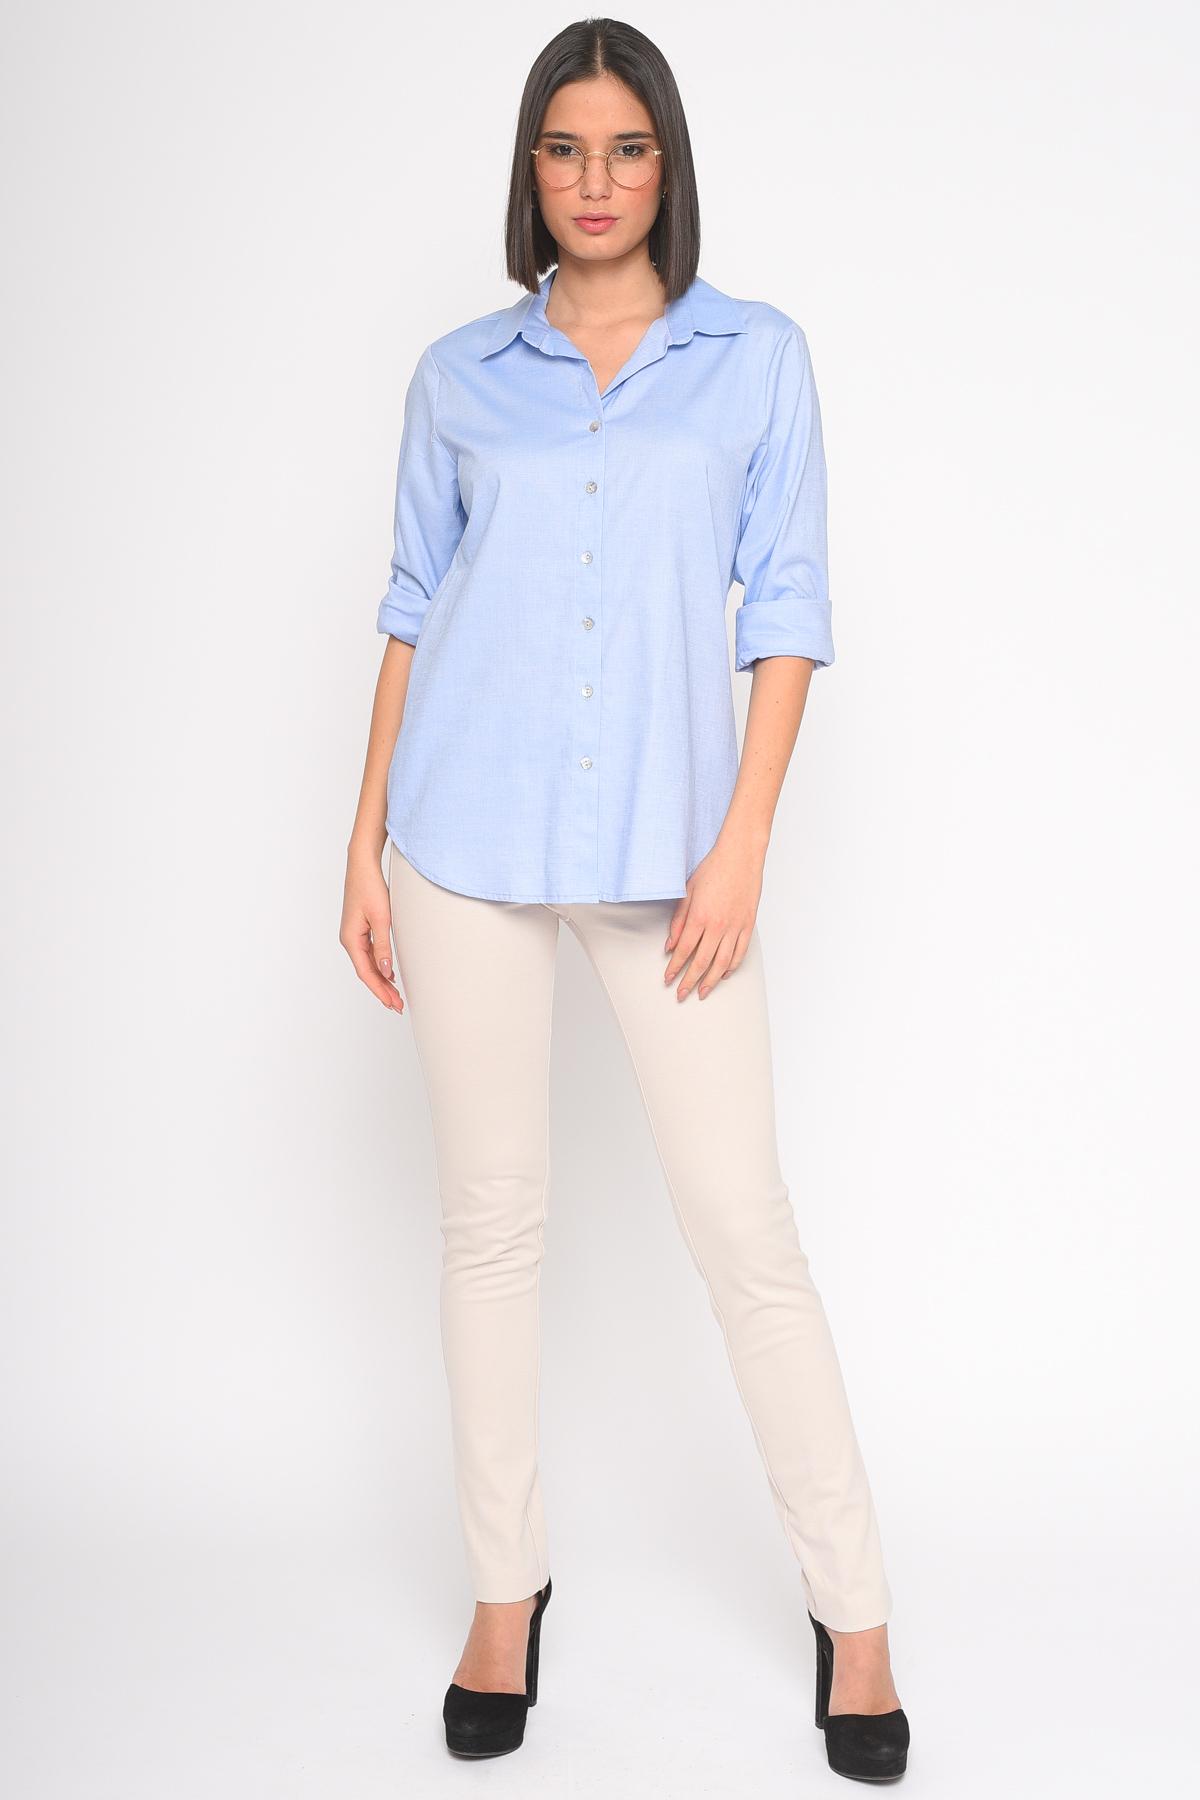 CAMICIA IN COTONE  da donna - AZZURRO - Paquito Pronto Moda Shop Online